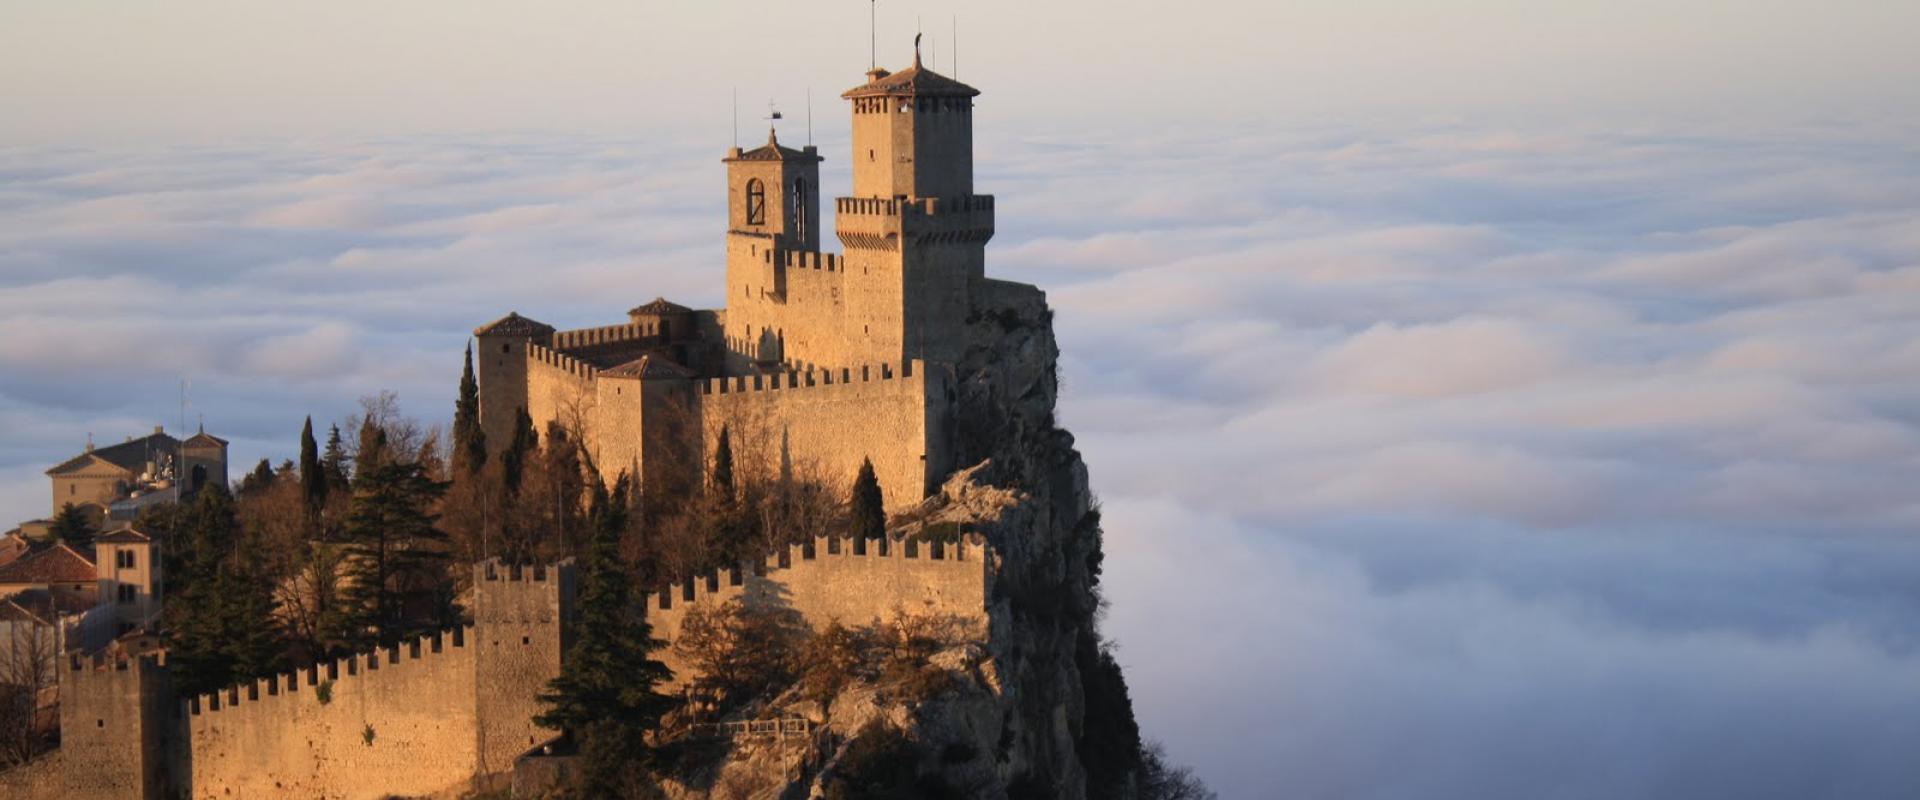 Visit of San Marino